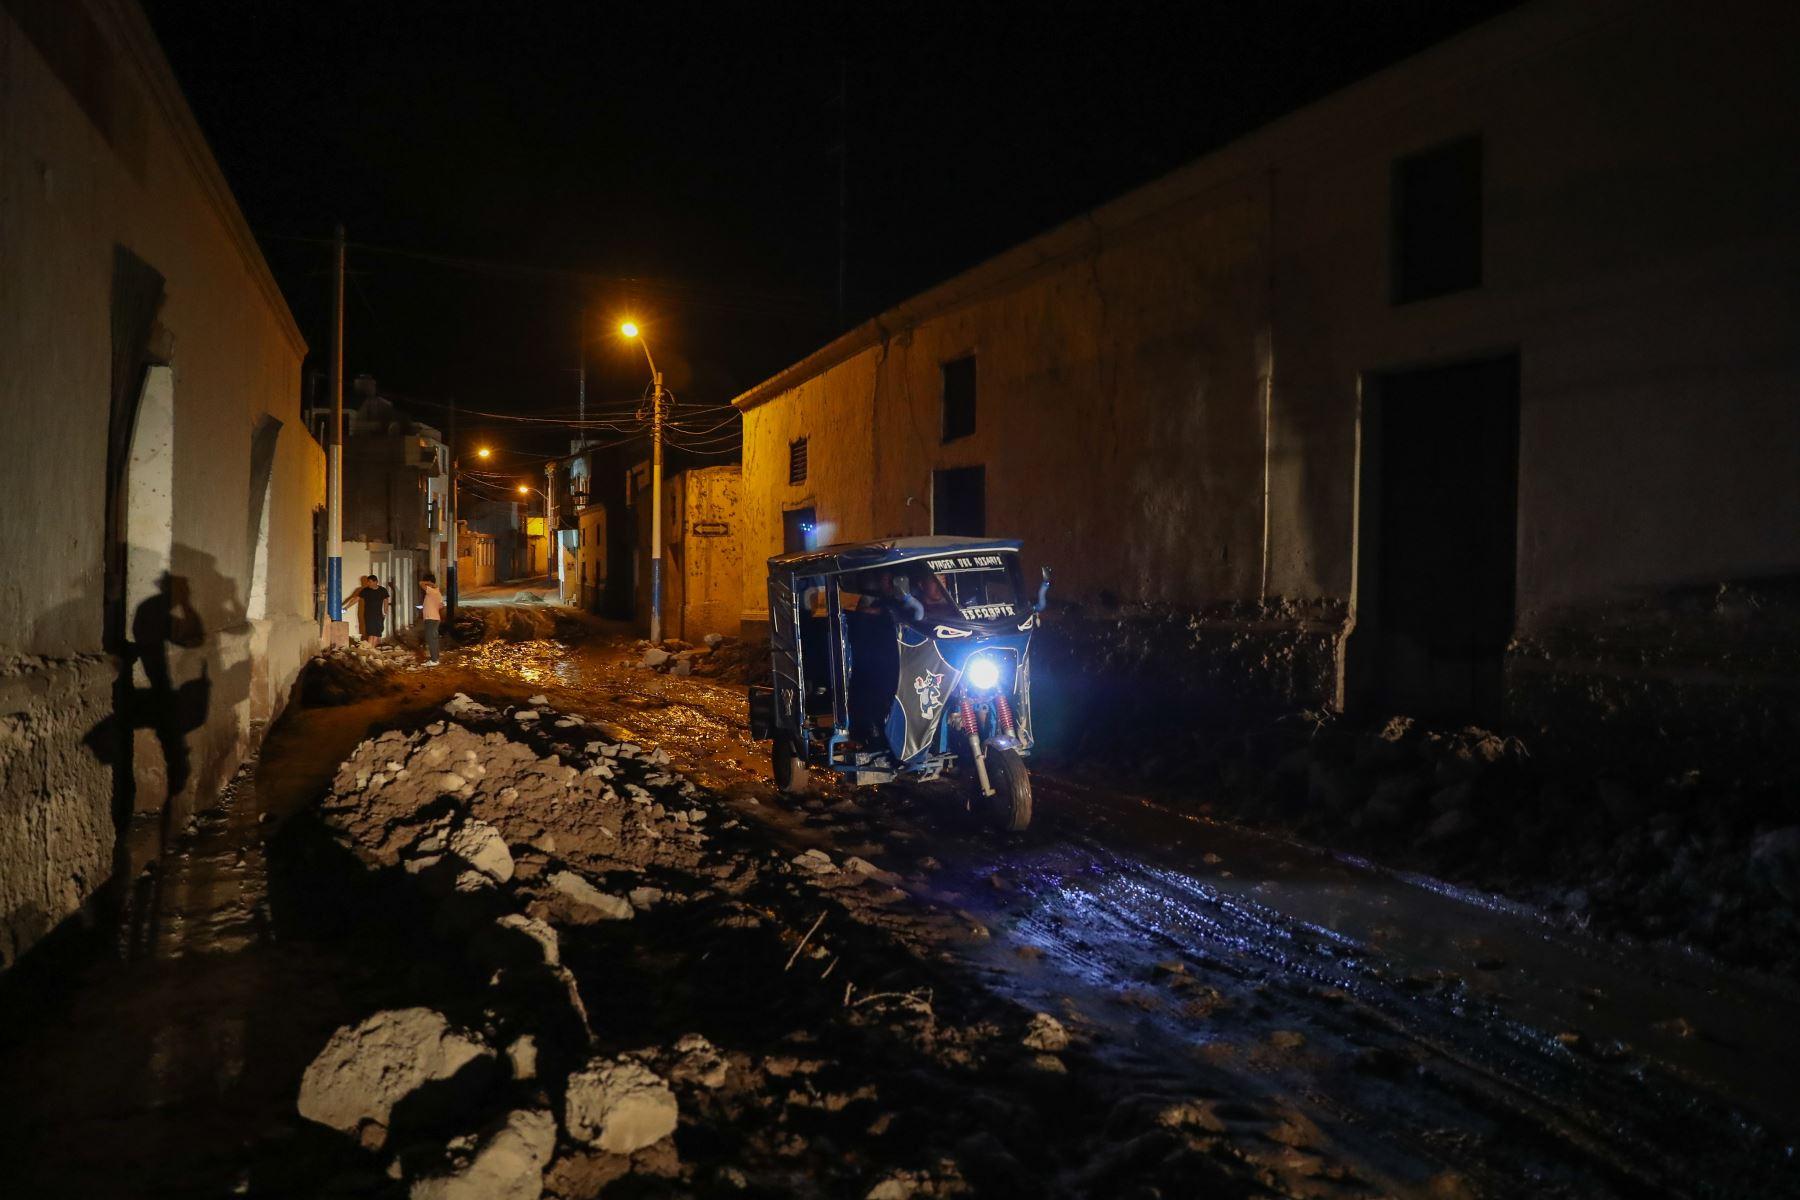 Zonas afectadas por el huaico en el distrito de Aplao, Arequipa.  Foto: ANDINA/Juan Carlos Guzmán Negrini